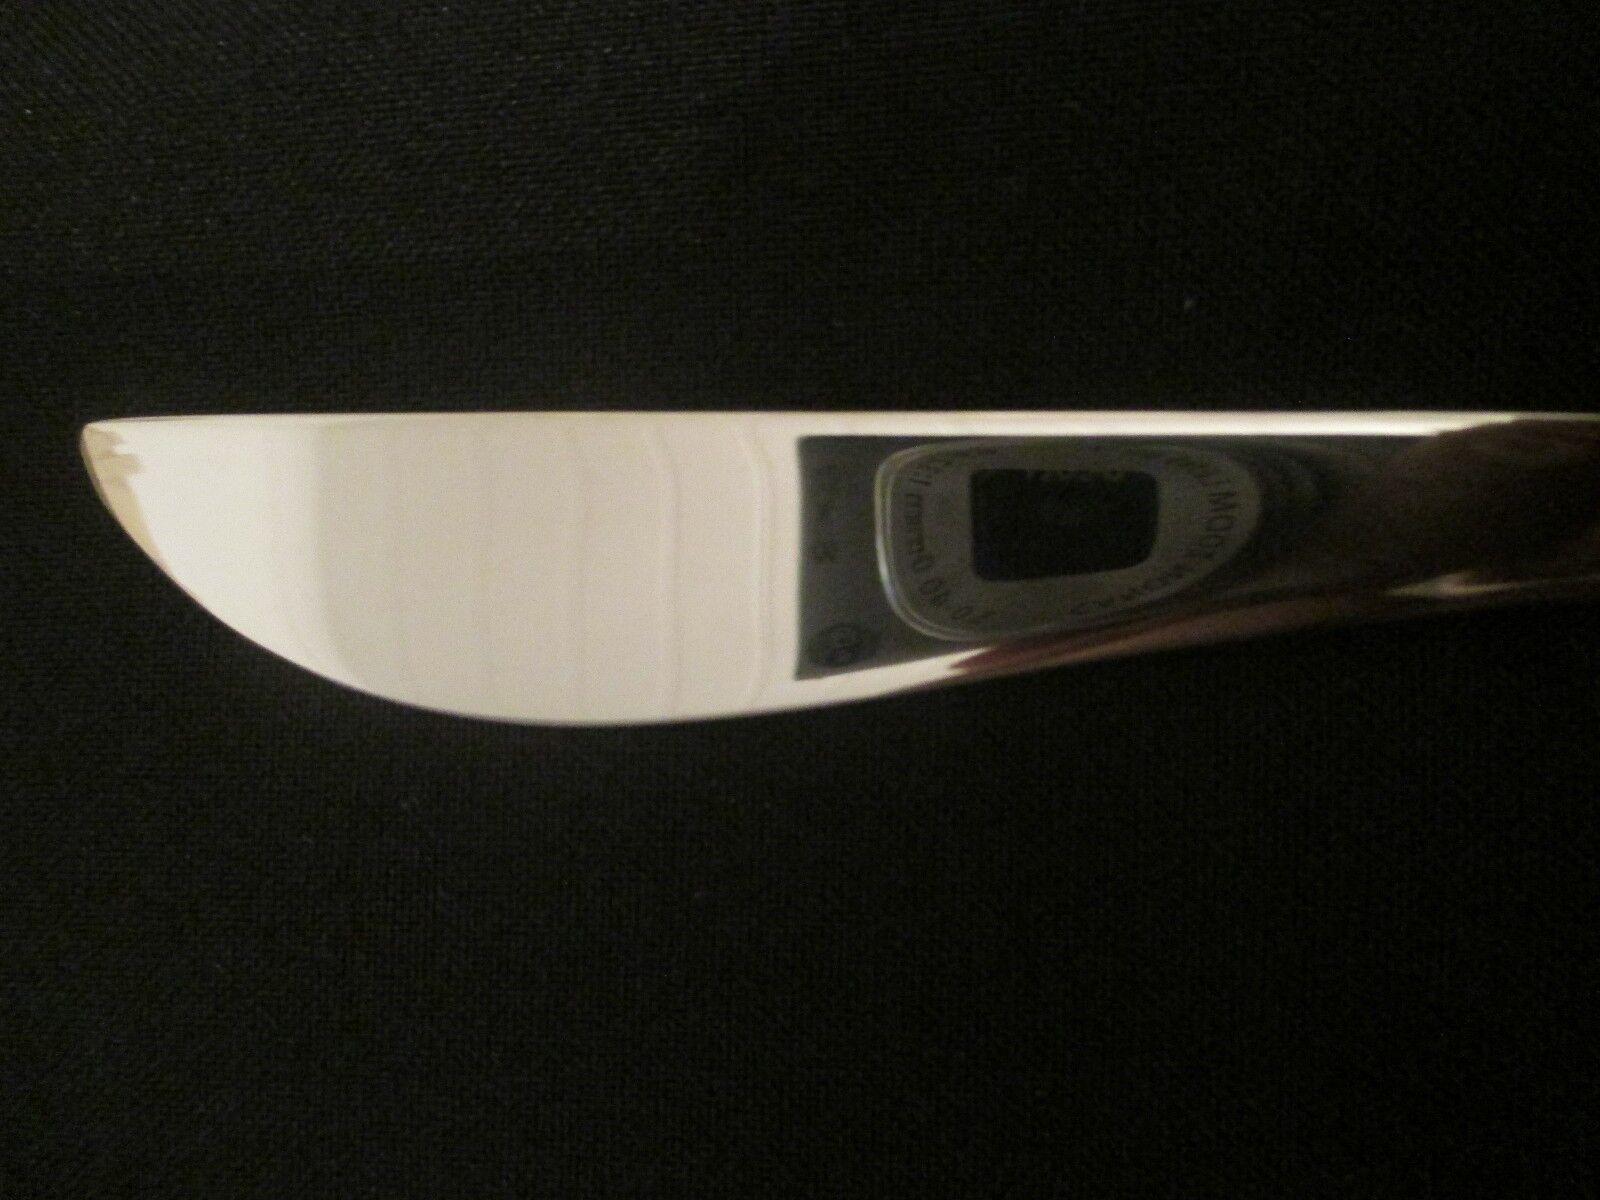 WMF Taika 6 Menümesser Menümesser Menümesser Cromargan 24,5cm Note1 Tafelmesser Messer GERADER SCHLIFF | Verbraucher zuerst  2519e6